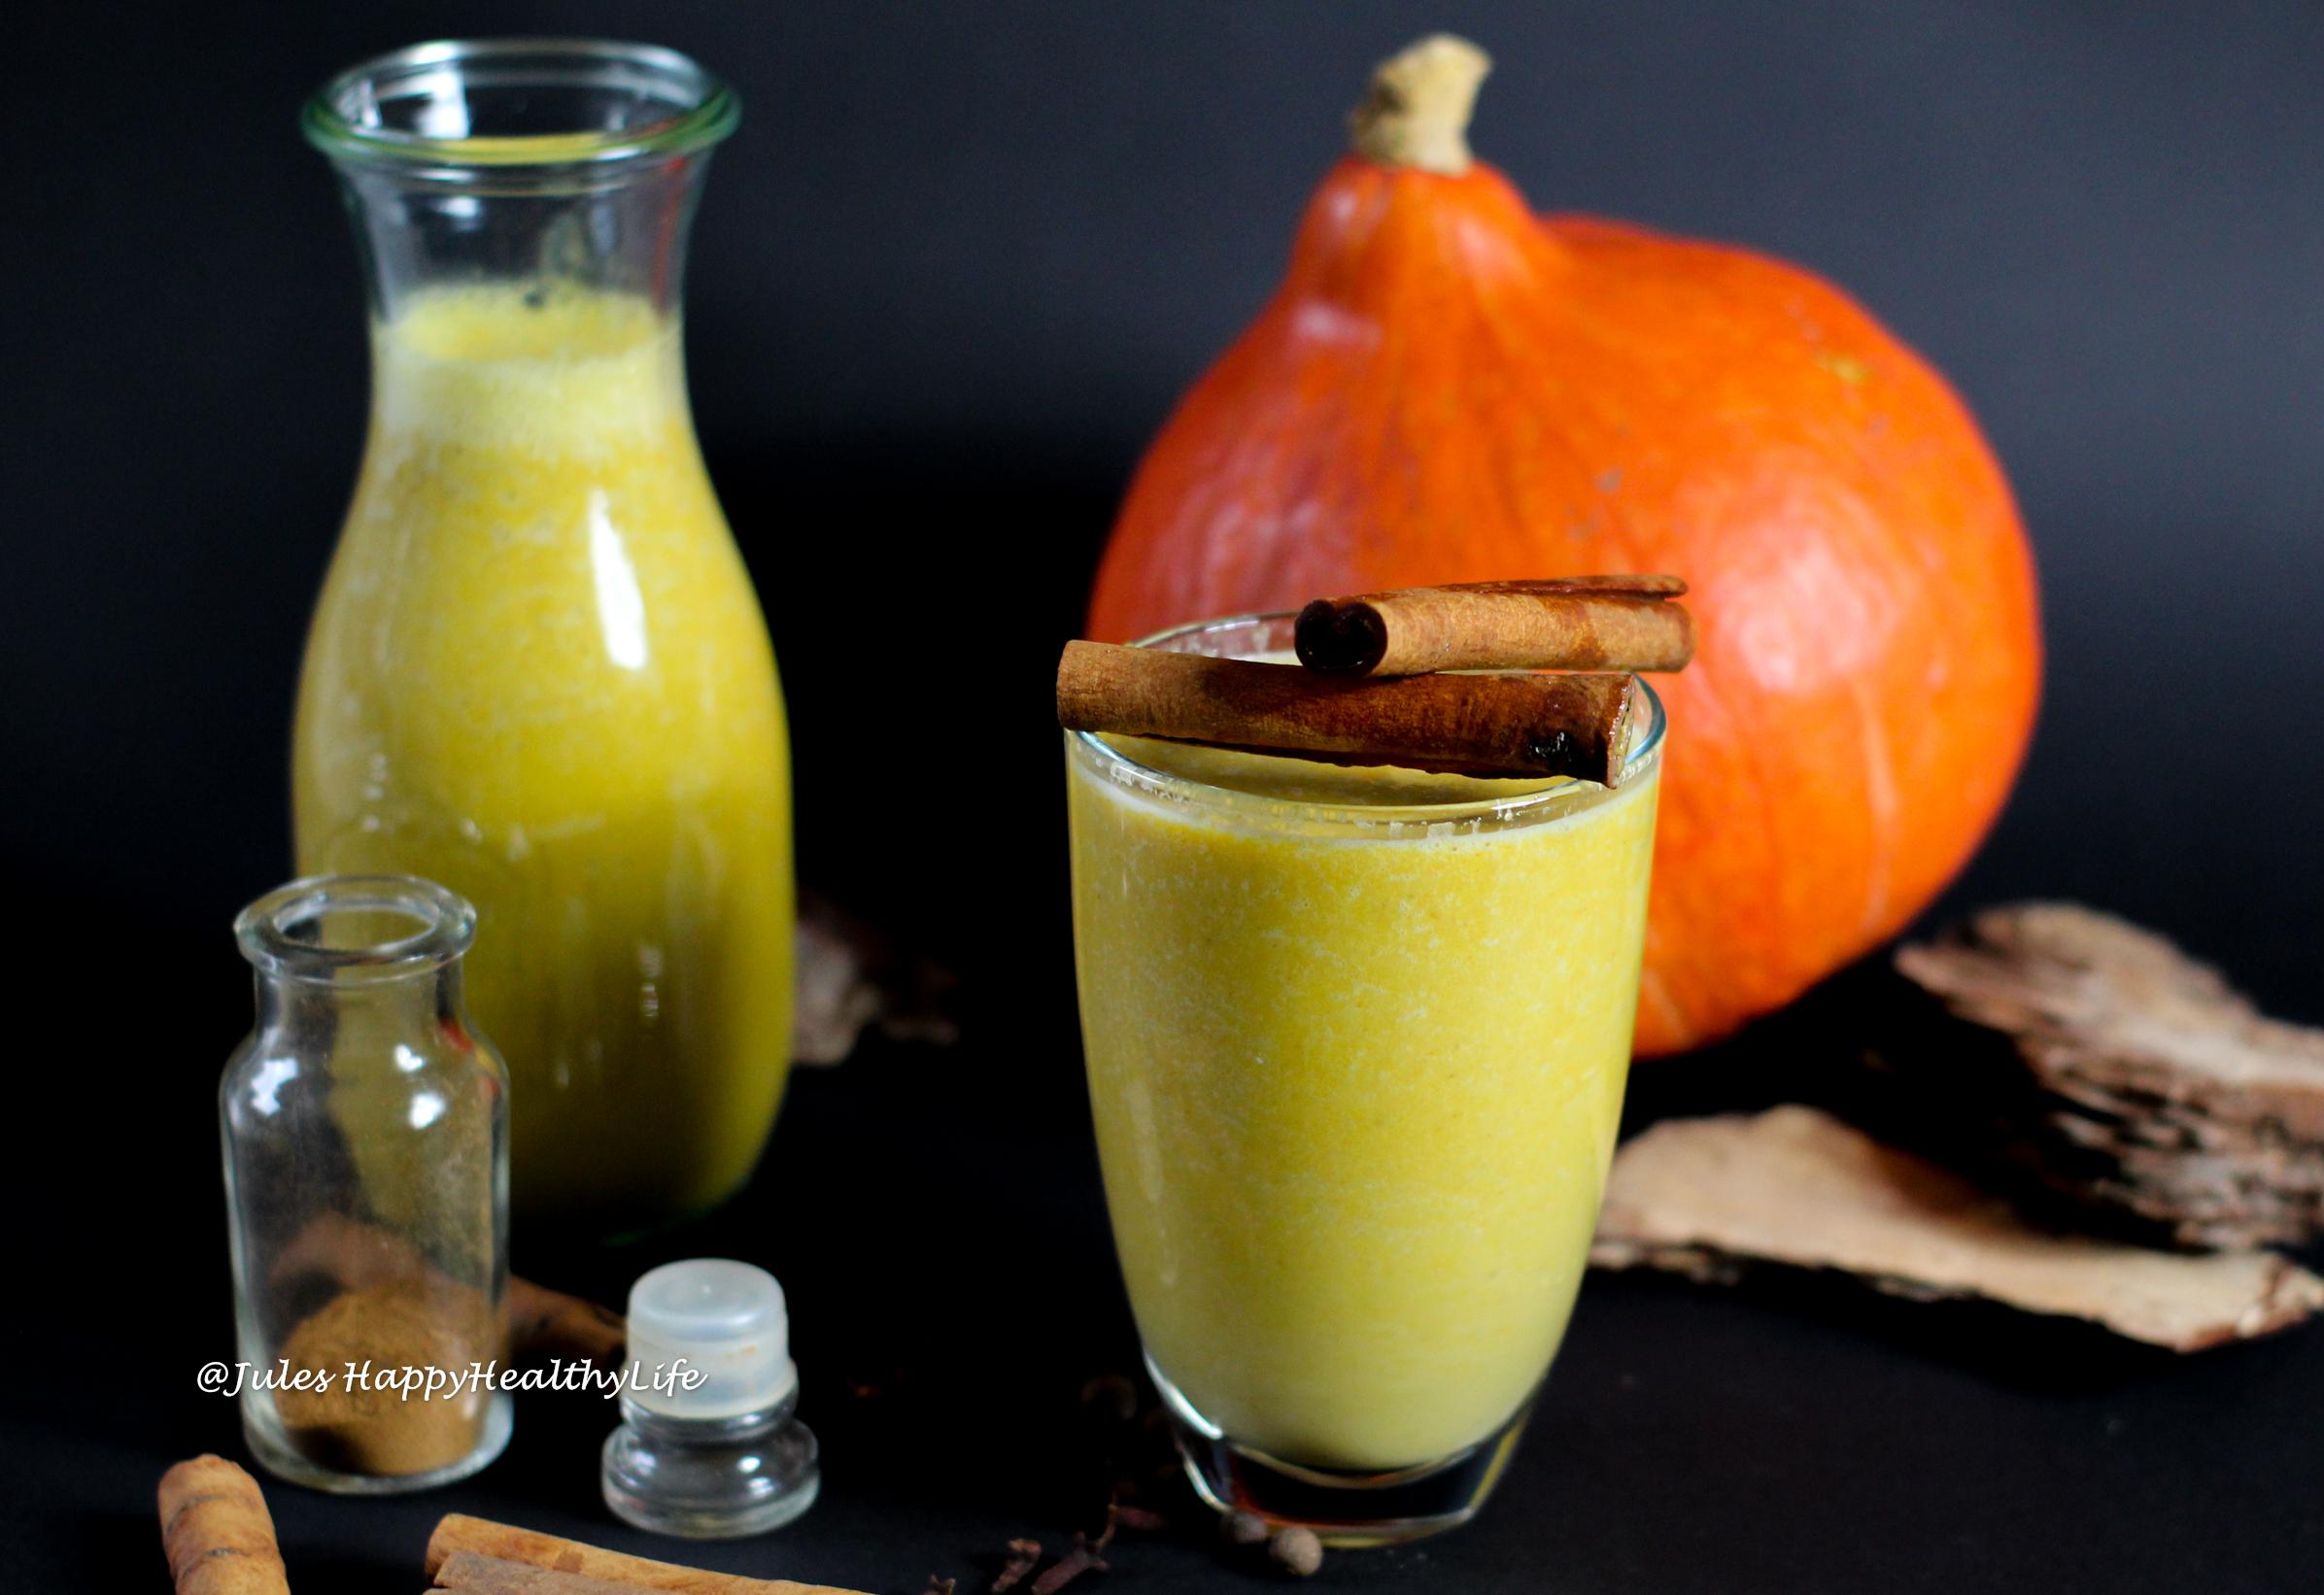 For homemade Pumpkin Spice Latte - Pumpkin Milk with Pumpkin Spice Latte